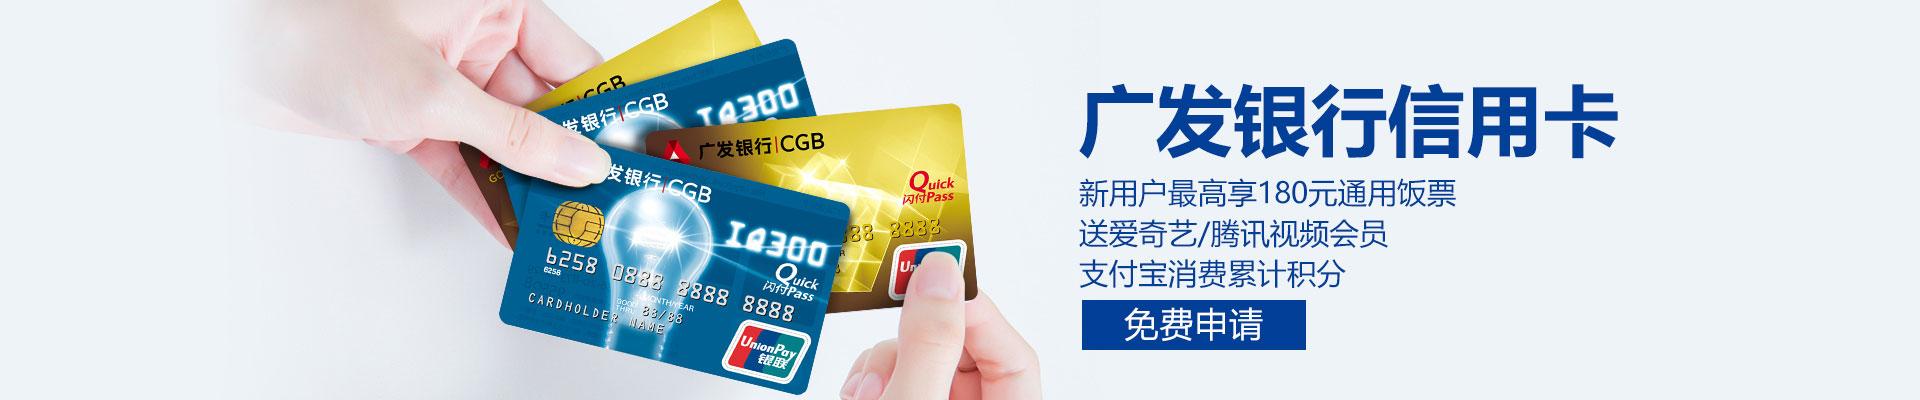 广发银行信用卡